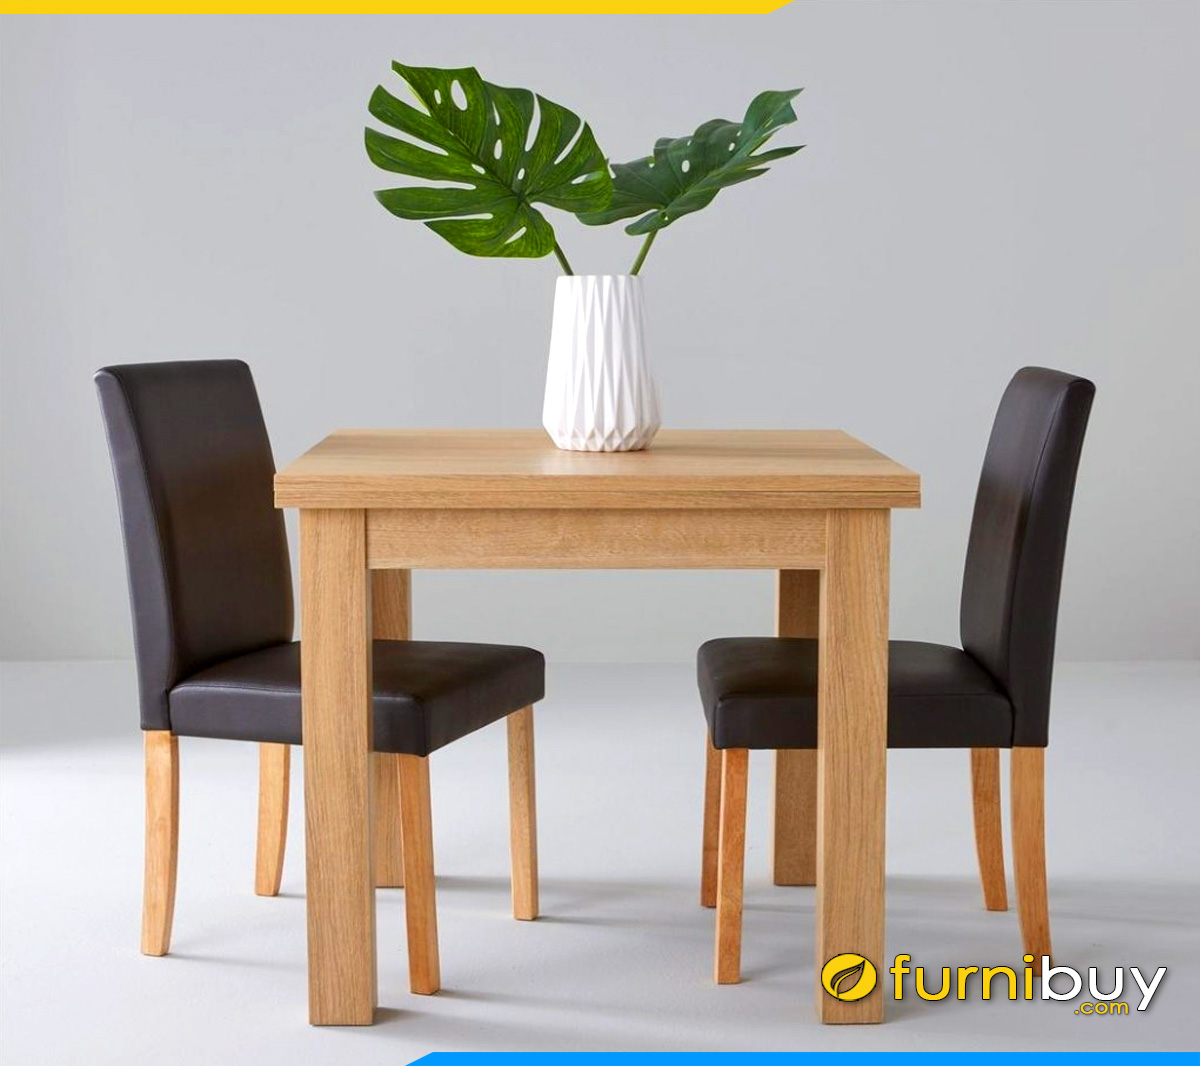 Hình ảnh bàn ăn 2 ghế bọc nỉ trẻ trung